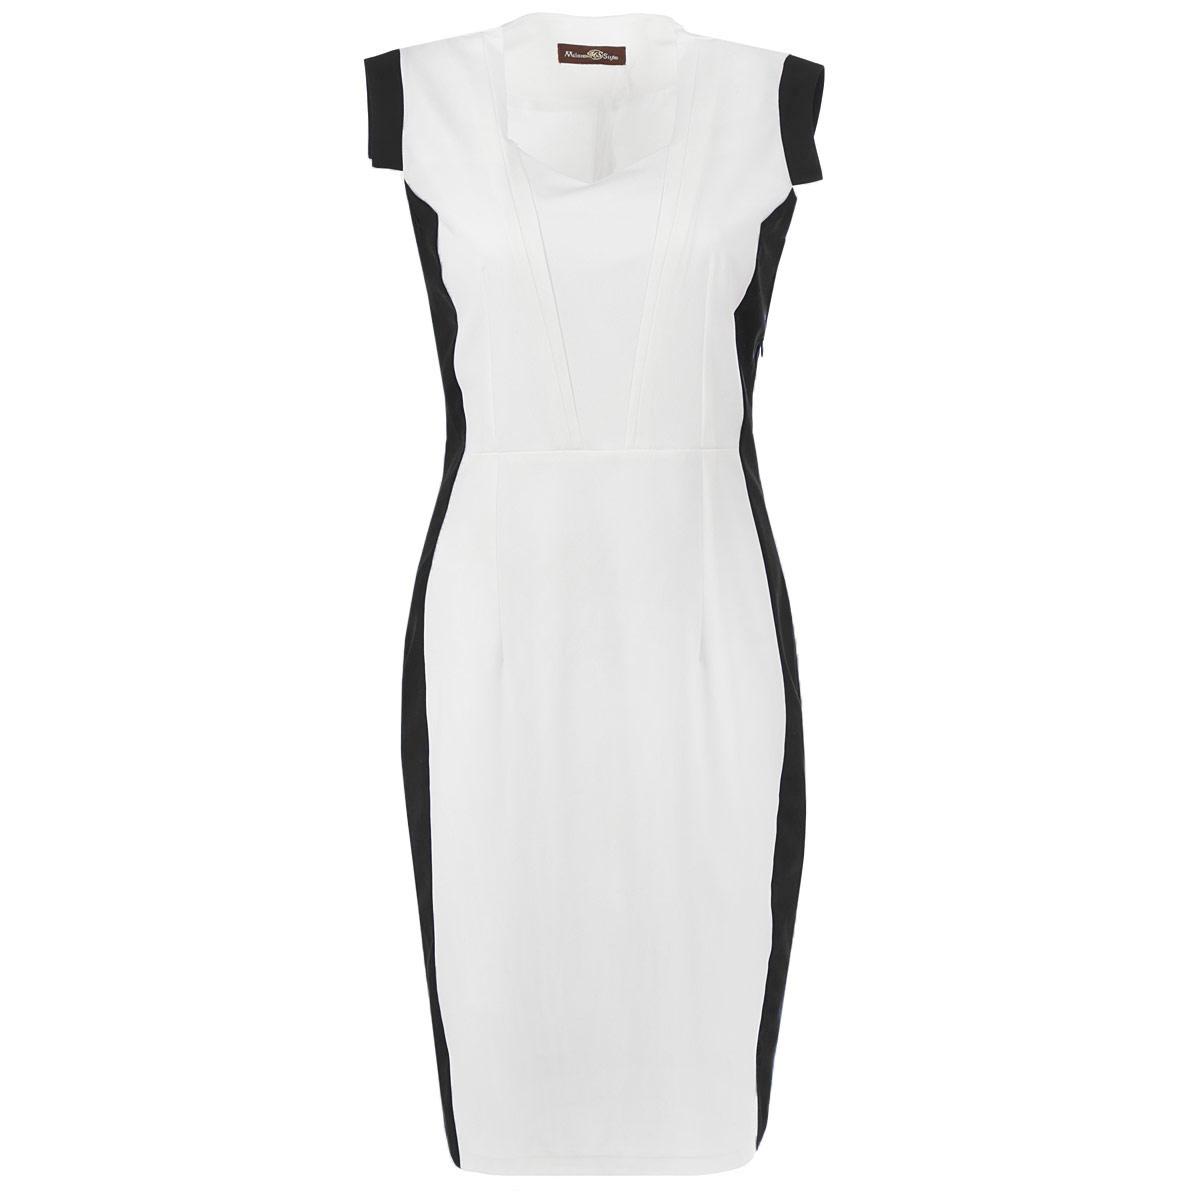 Платье. 41424142Оригинальное женское платье Milana Style, выполненное из высококачественного материала, будет отлично смотреться на вас. Модель облегающего кроя с V-образным вырезом горловины без рукавов, по бокам оформлена вставками контрастного цвета. Платье с отрезной линией талии, в боковом шве расположена потайная молния. Рукава оформлены манжетами. Сзади на юбке предусмотрен небольшой разрез. Платье-футляр подчеркнет все достоинства вашей фигуры. Это платье - отличный вариант для офиса на каждый день. Модель идеальна для создания эффектного образа.